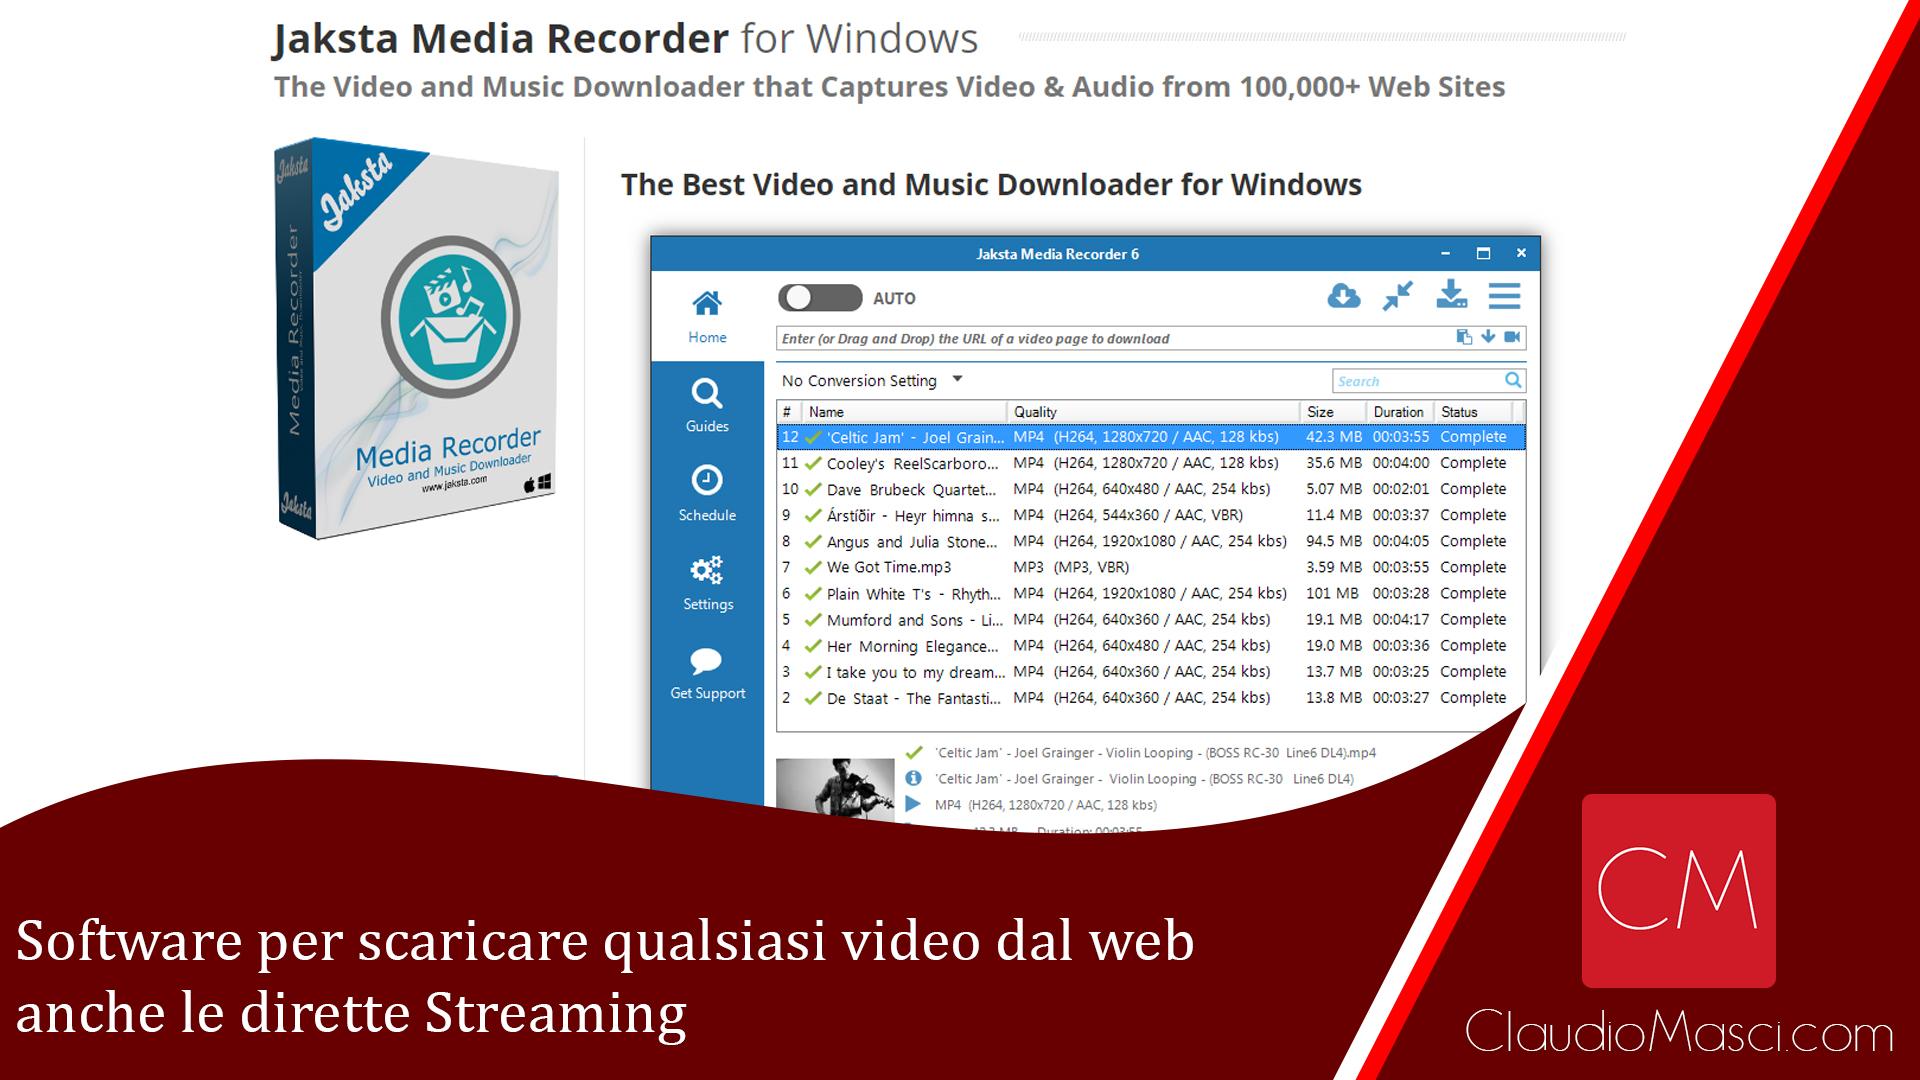 Software per scaricare qualsiasi video dal web anche le dirette Streaming